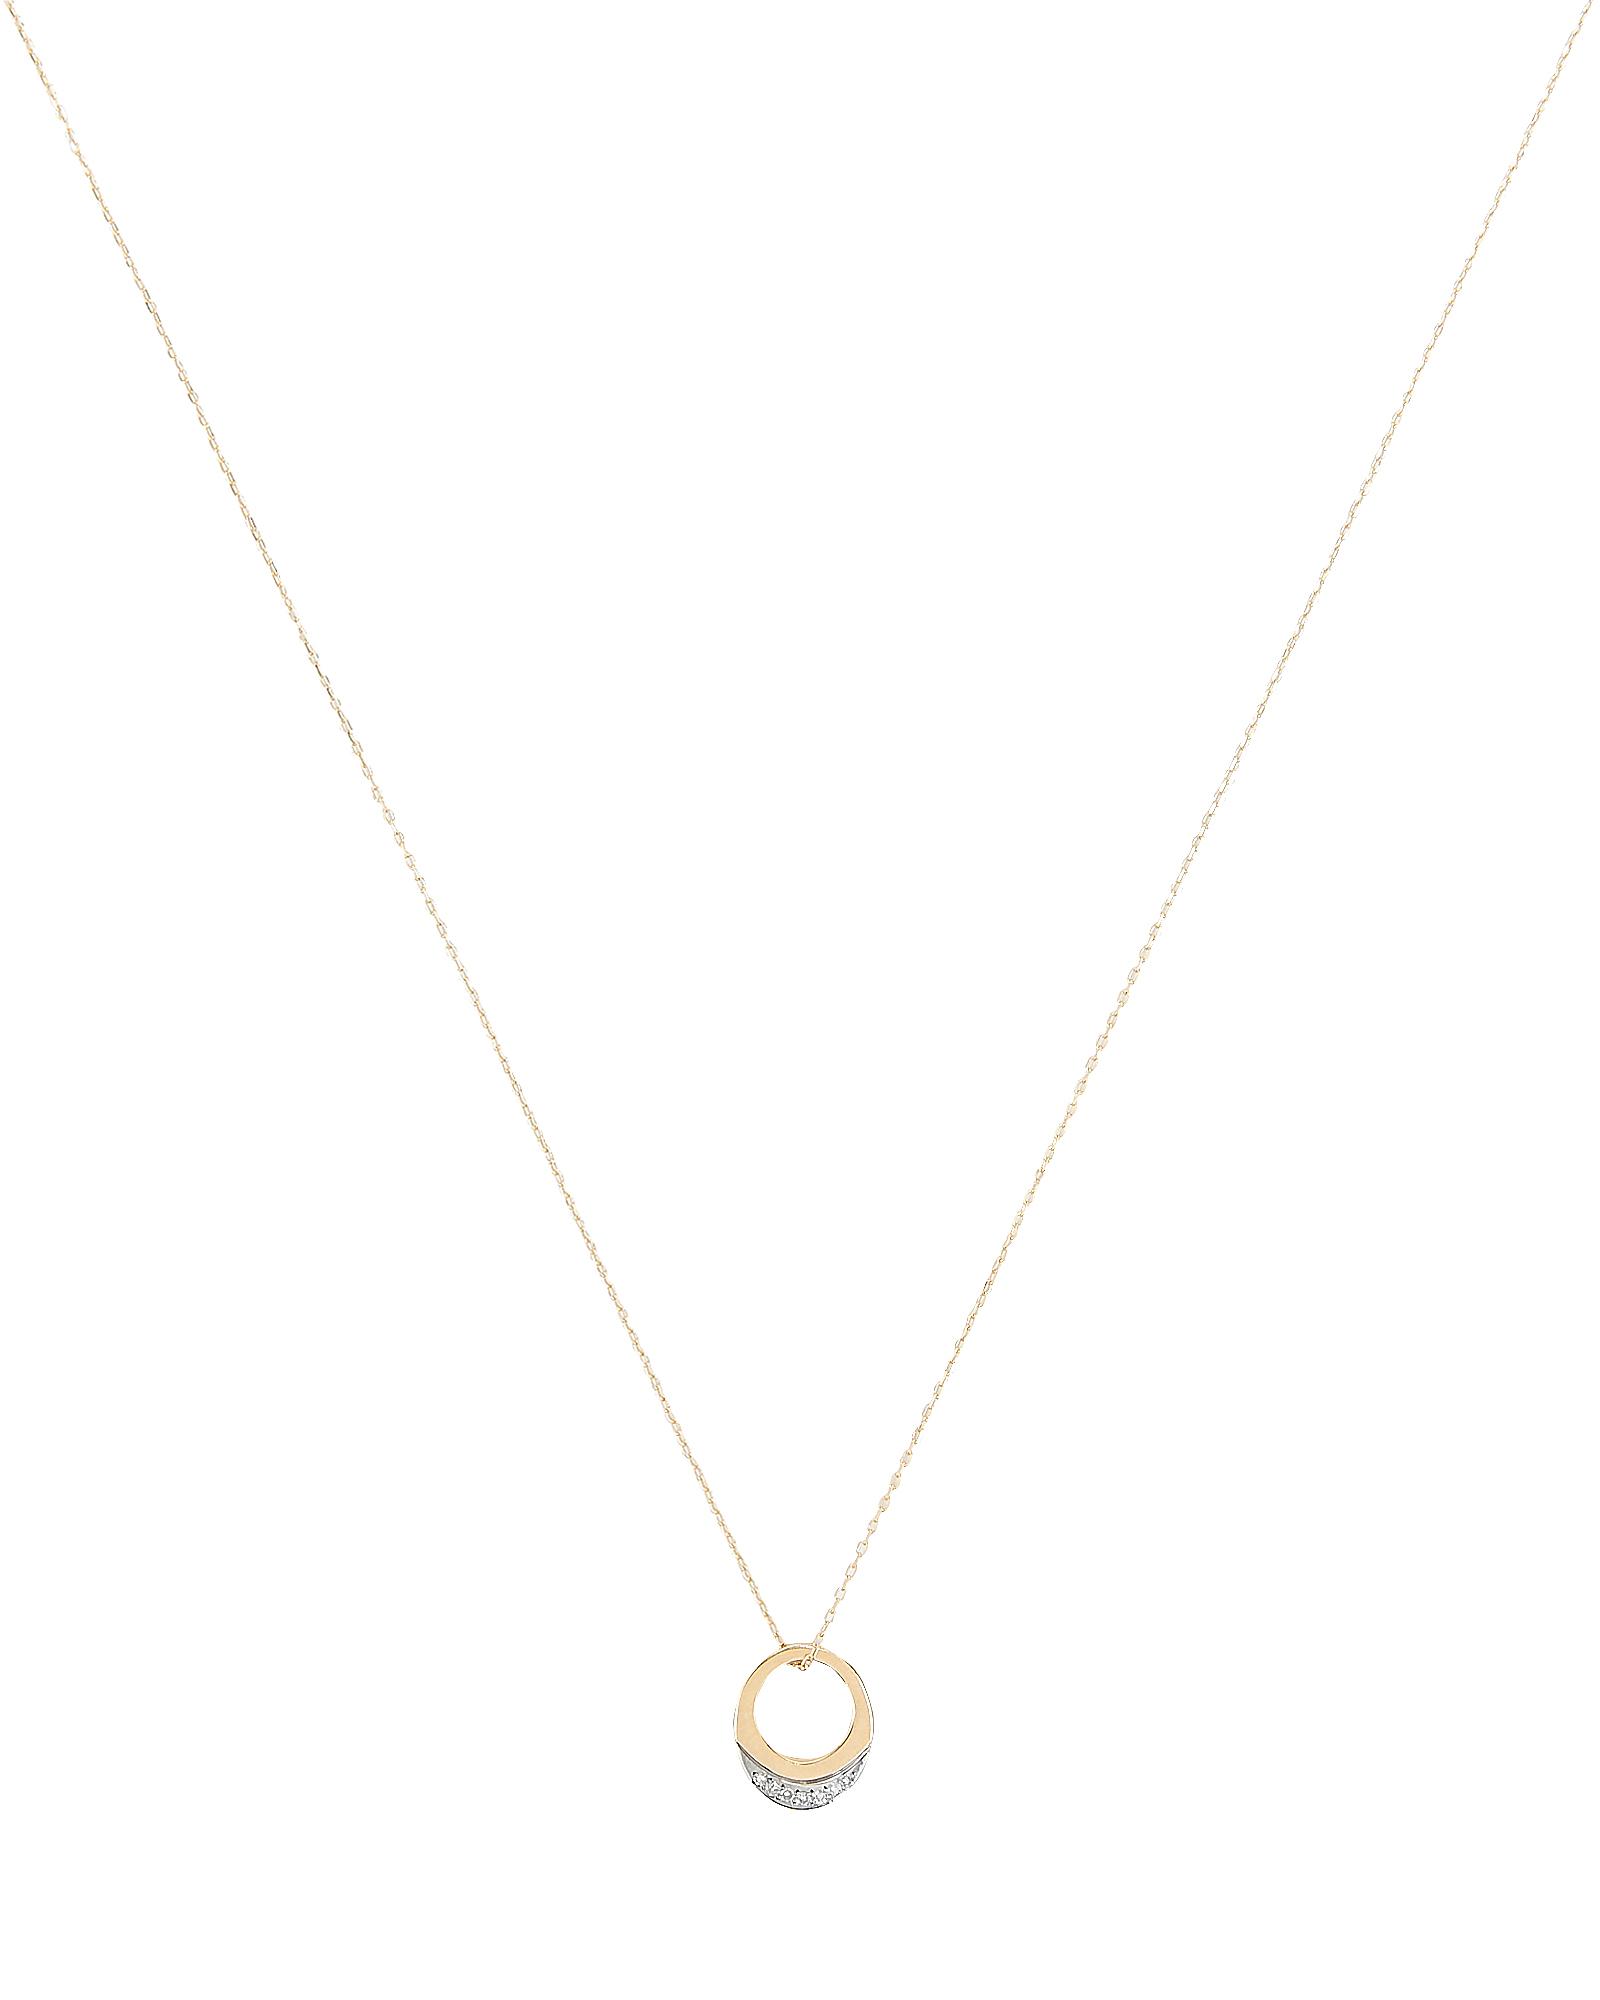 Adina Reyter Super Tiny Pavé Petal Necklace